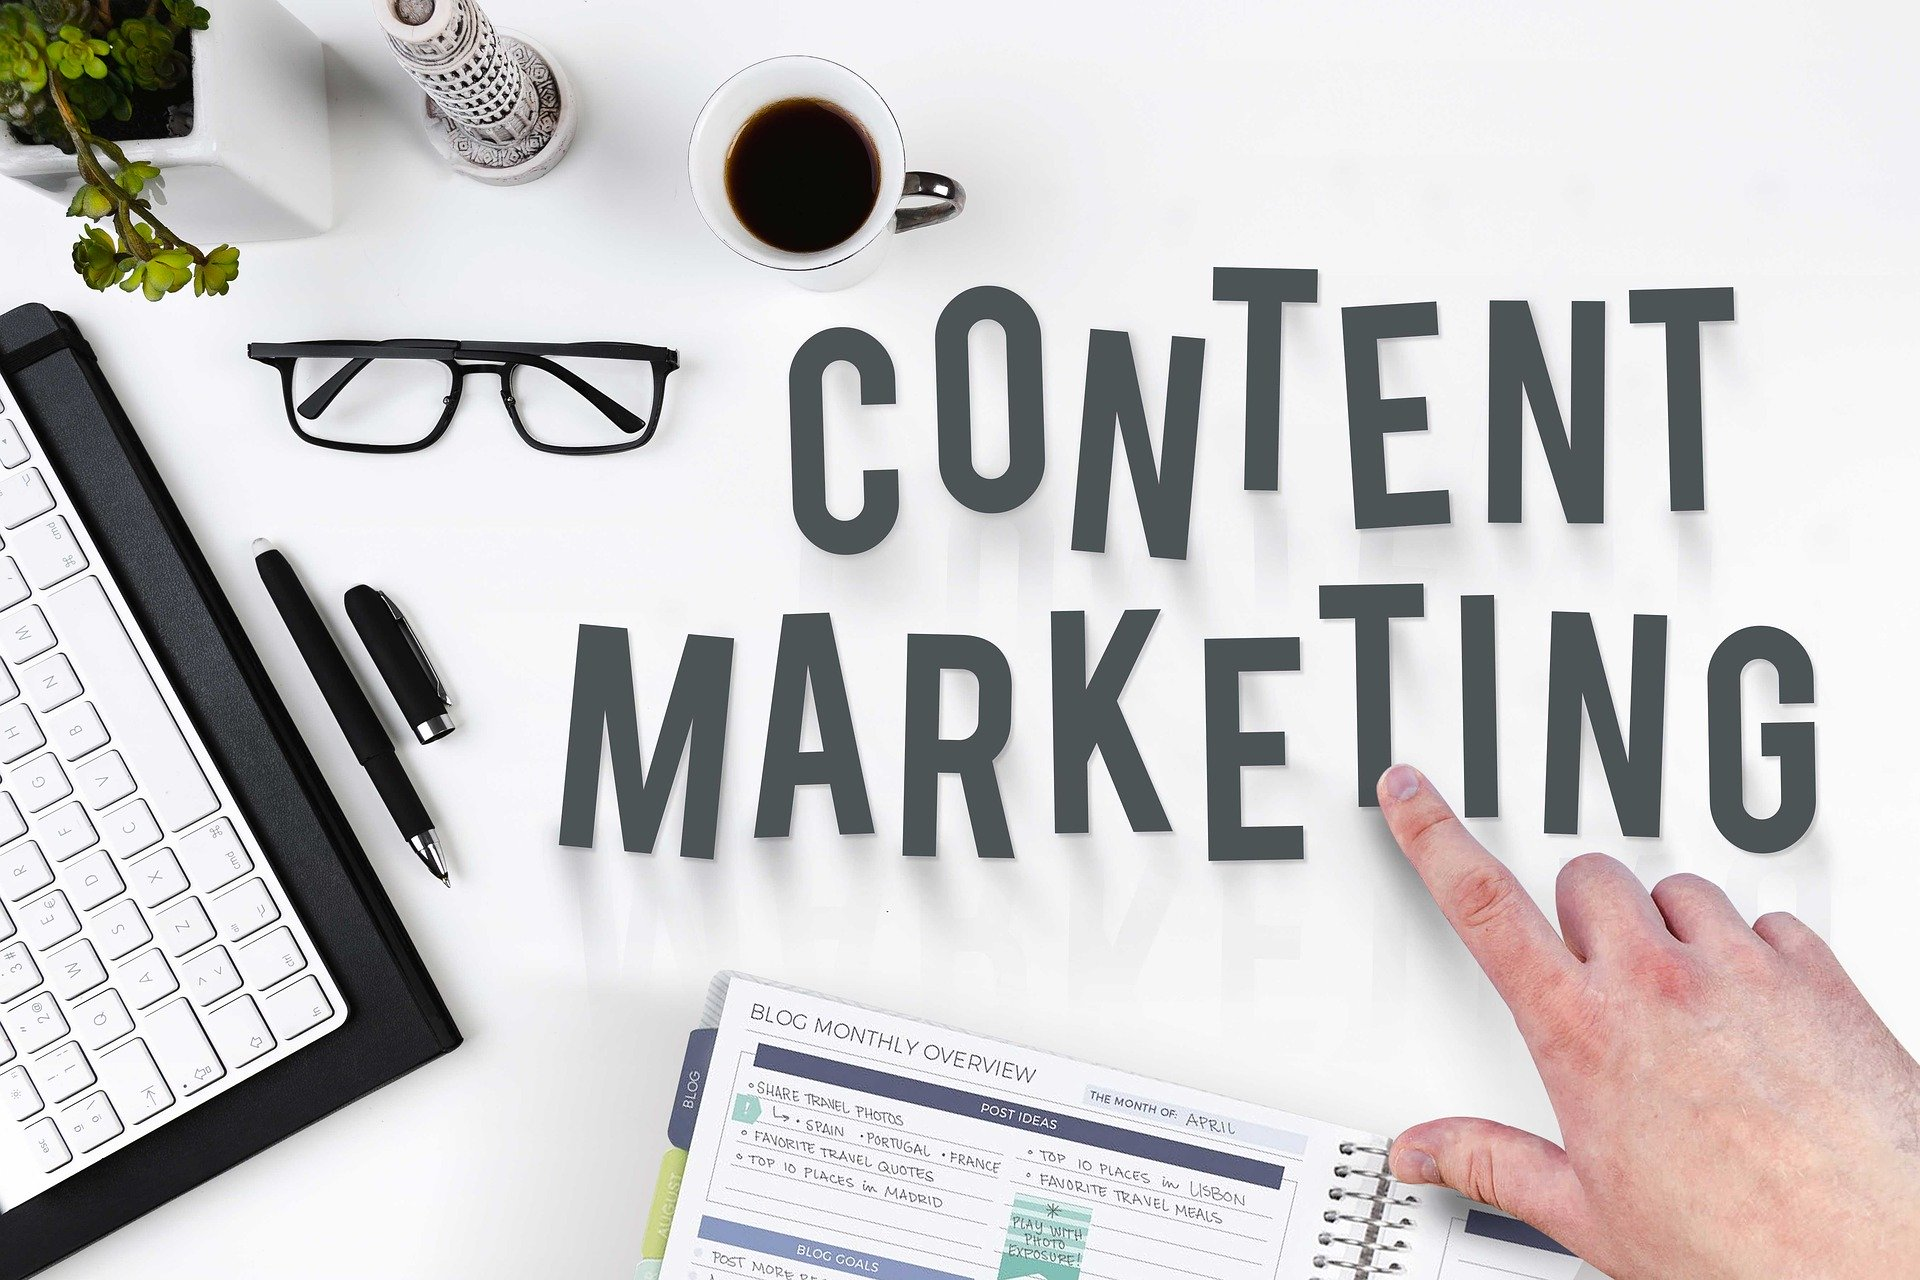 Làm thế nào Content Marketing hiệu quả - Chụp ảnh, quay video chuyên nghiệp